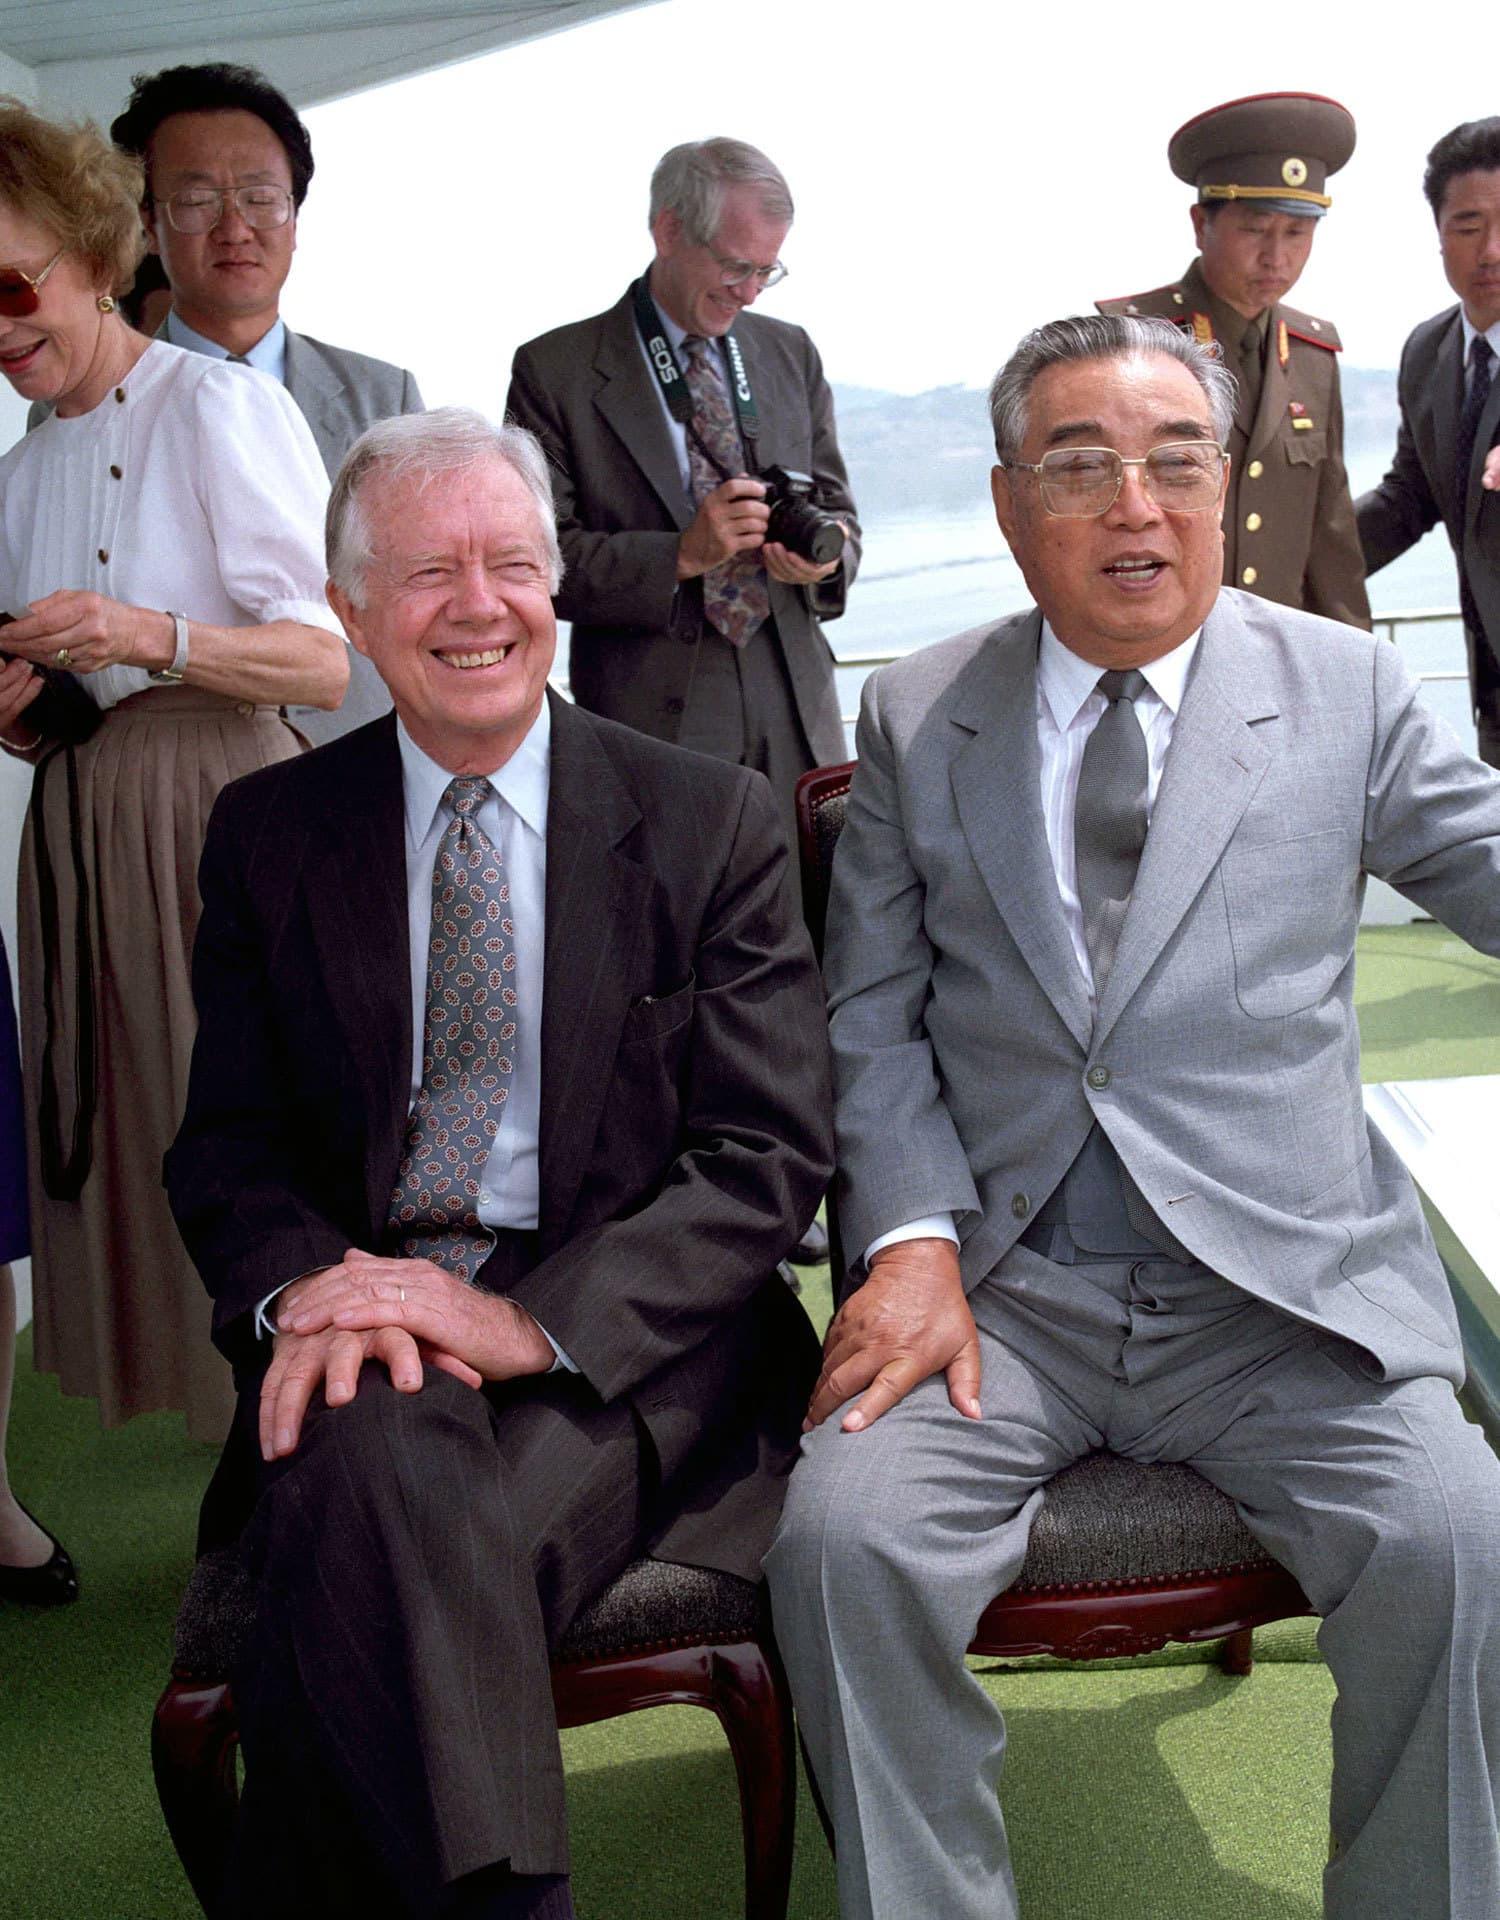 جمی کارٹر نے بل کلنٹن کے دور میں شمالی کوریا کا دورہ نجی حیثیت میں کیا—فوٹو: دی گارجین